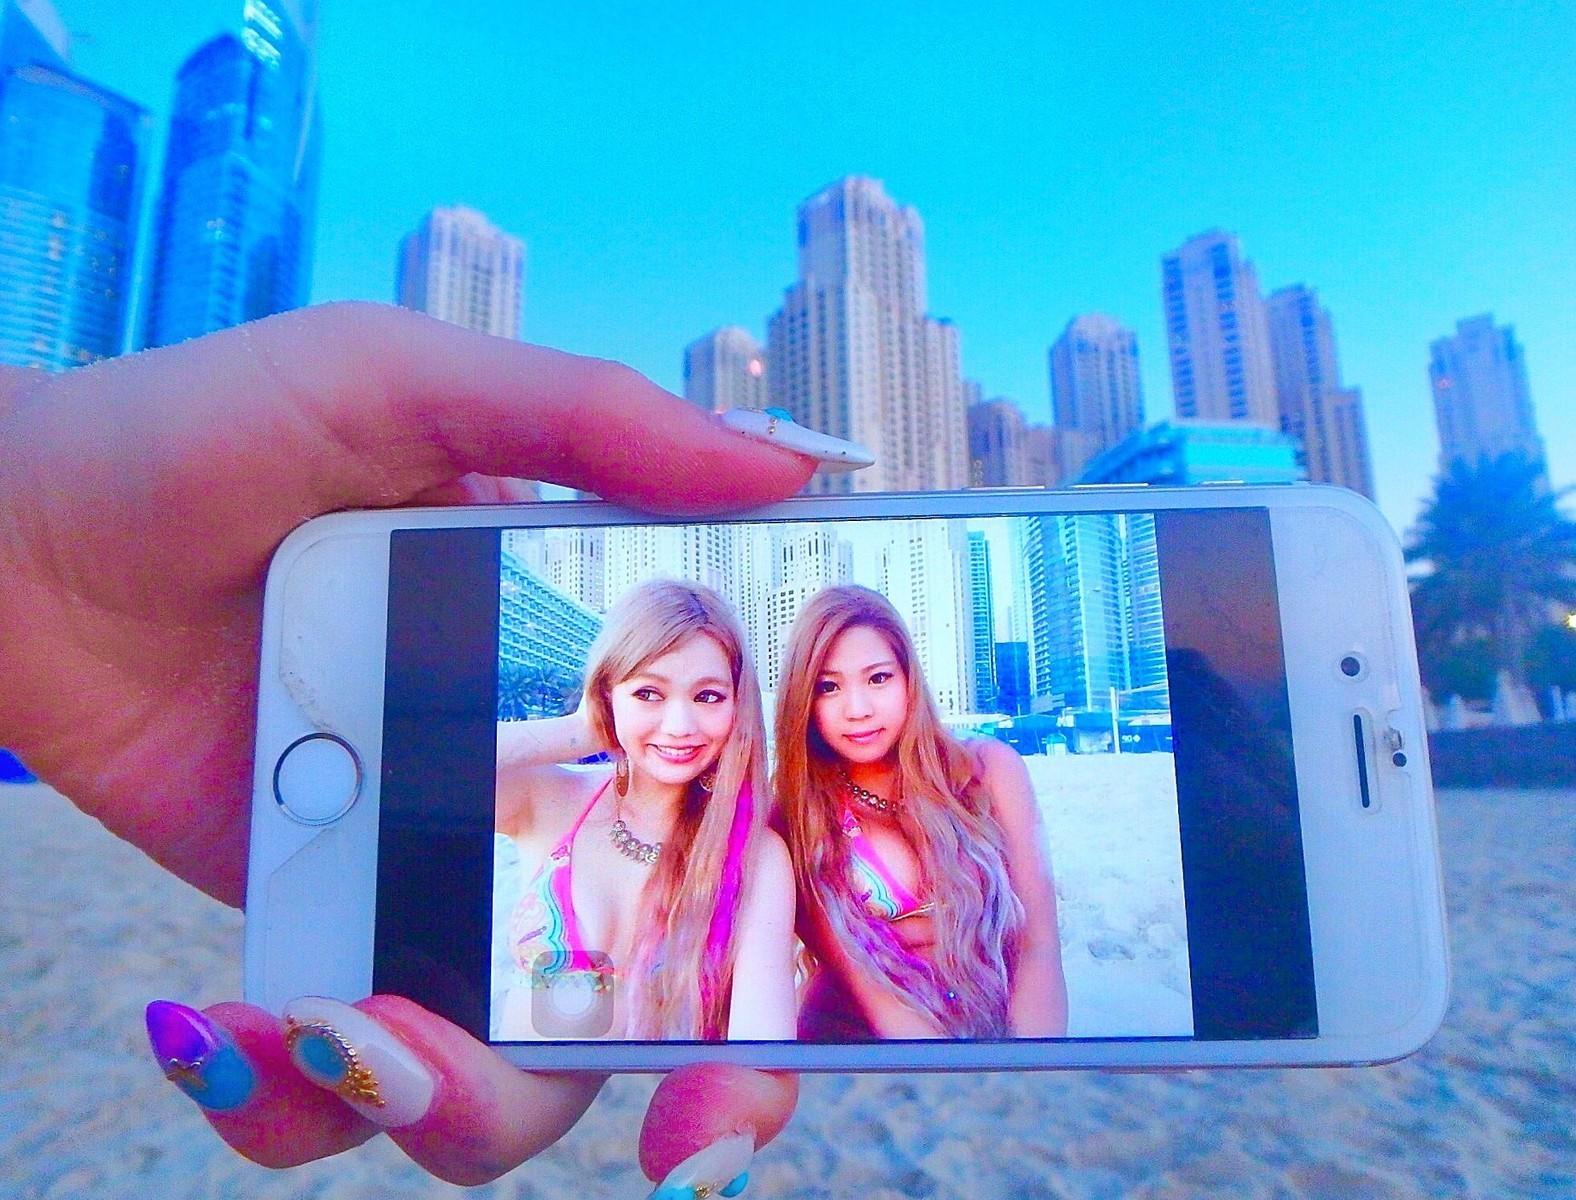 スマホ写真売買の「Snapmart」がAndroid版新規リリースに向けエンジニアを募集!